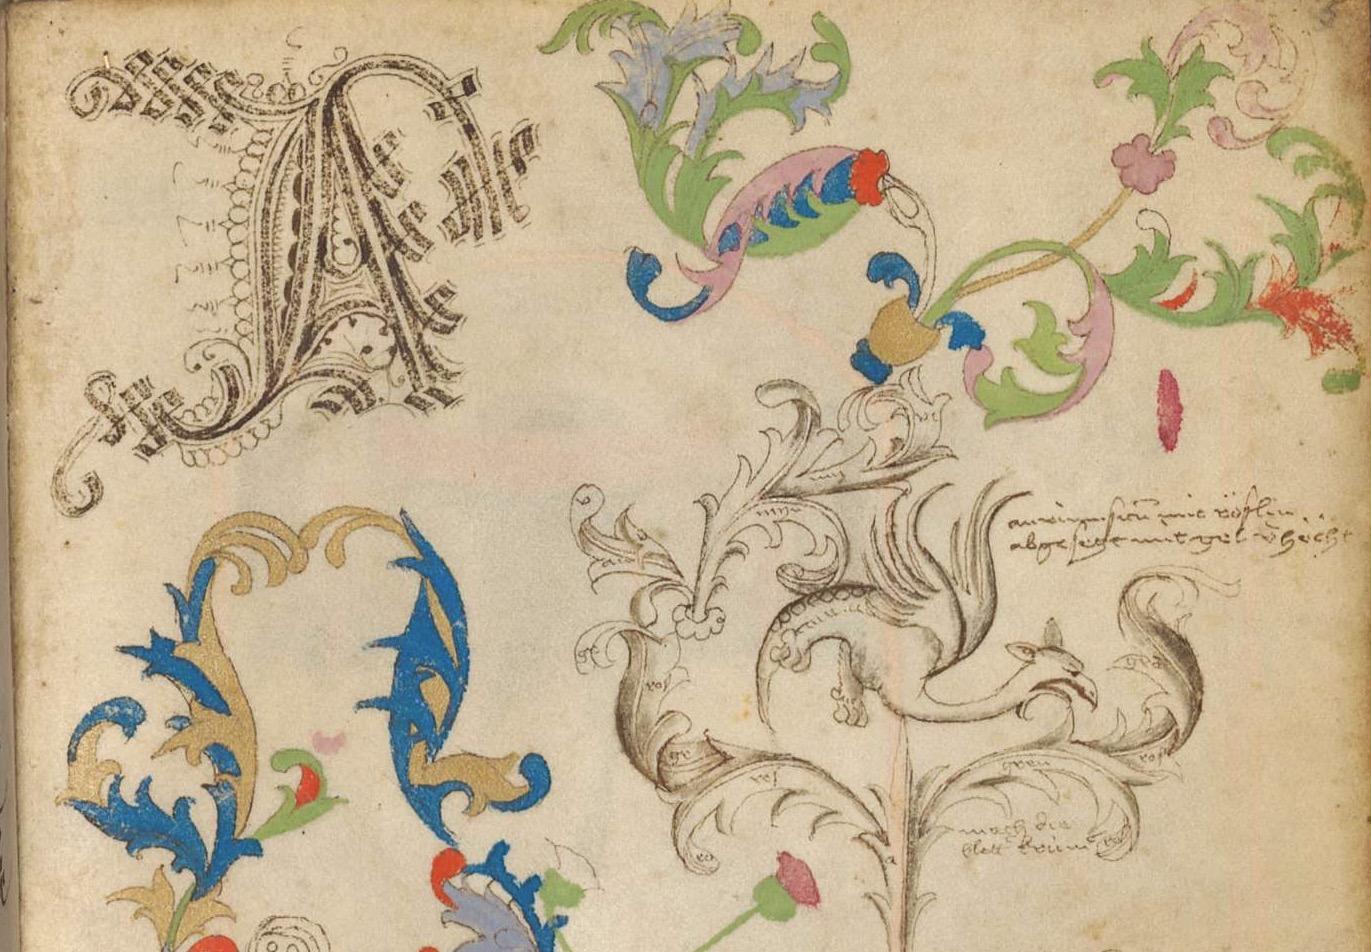 Tesori d'archivio: il quaderno di schizzi di un miniaturista medievale